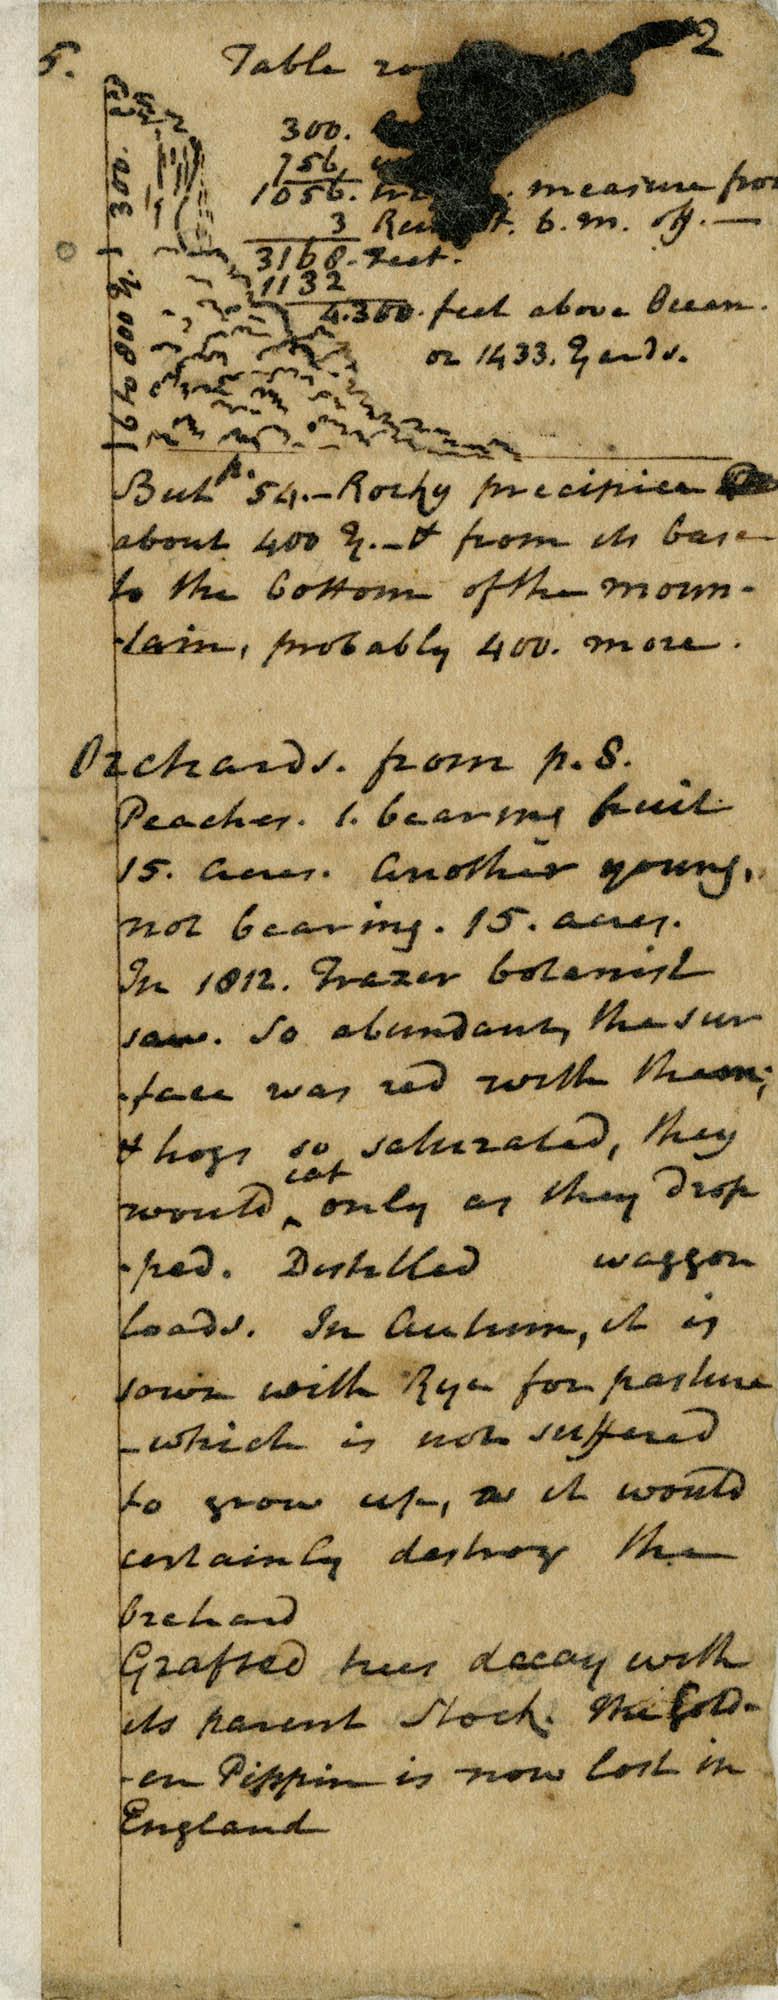 Diary of Charles Drayton, 1814 page 26